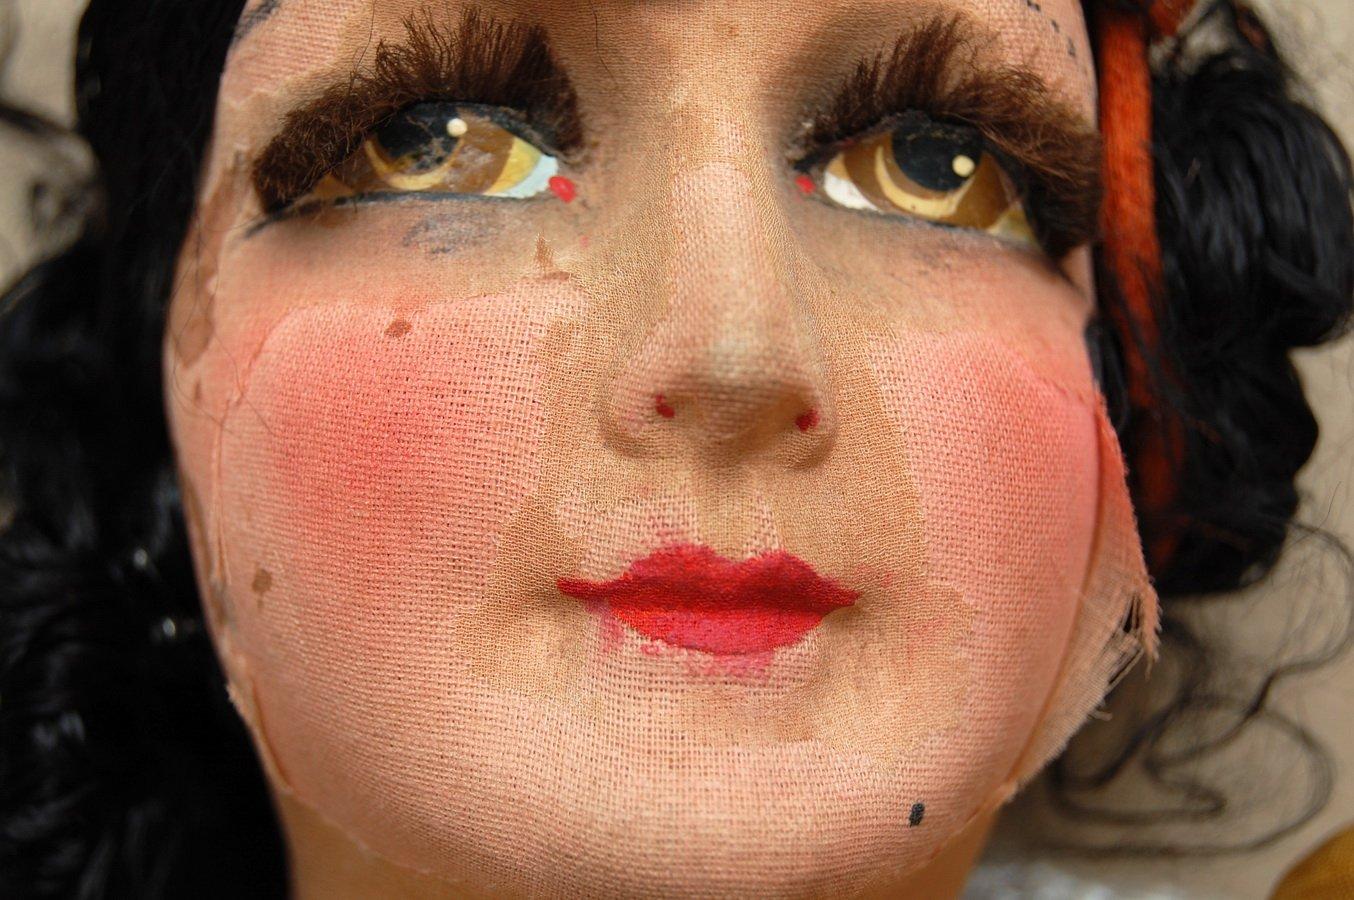 антикварная будуарная кукла с испорченным шелком